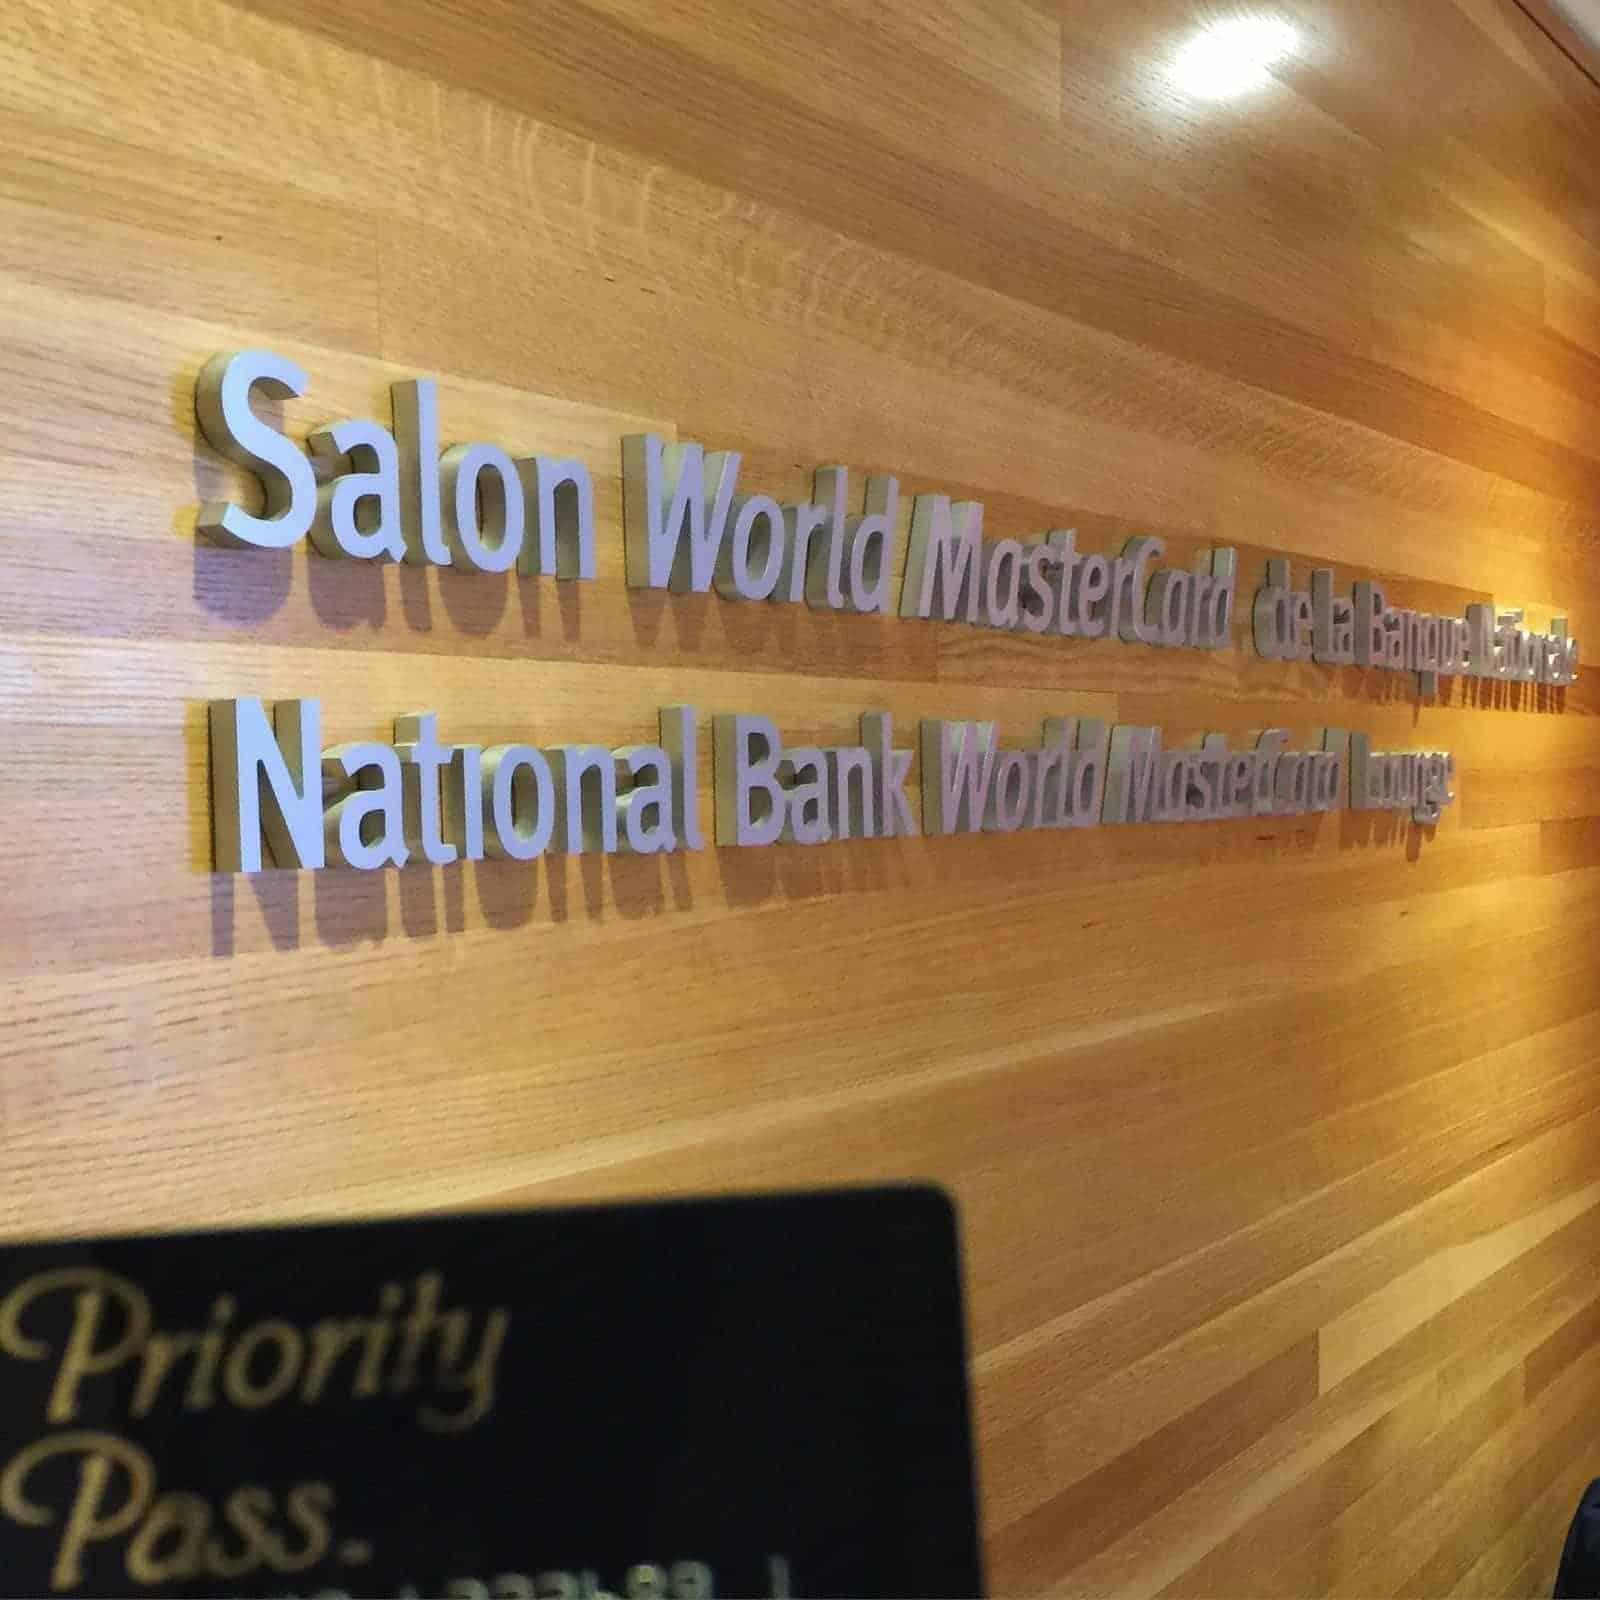 L'accès au salon World MasterCard de la Banque Nationale à Montréal avec Priority Pass